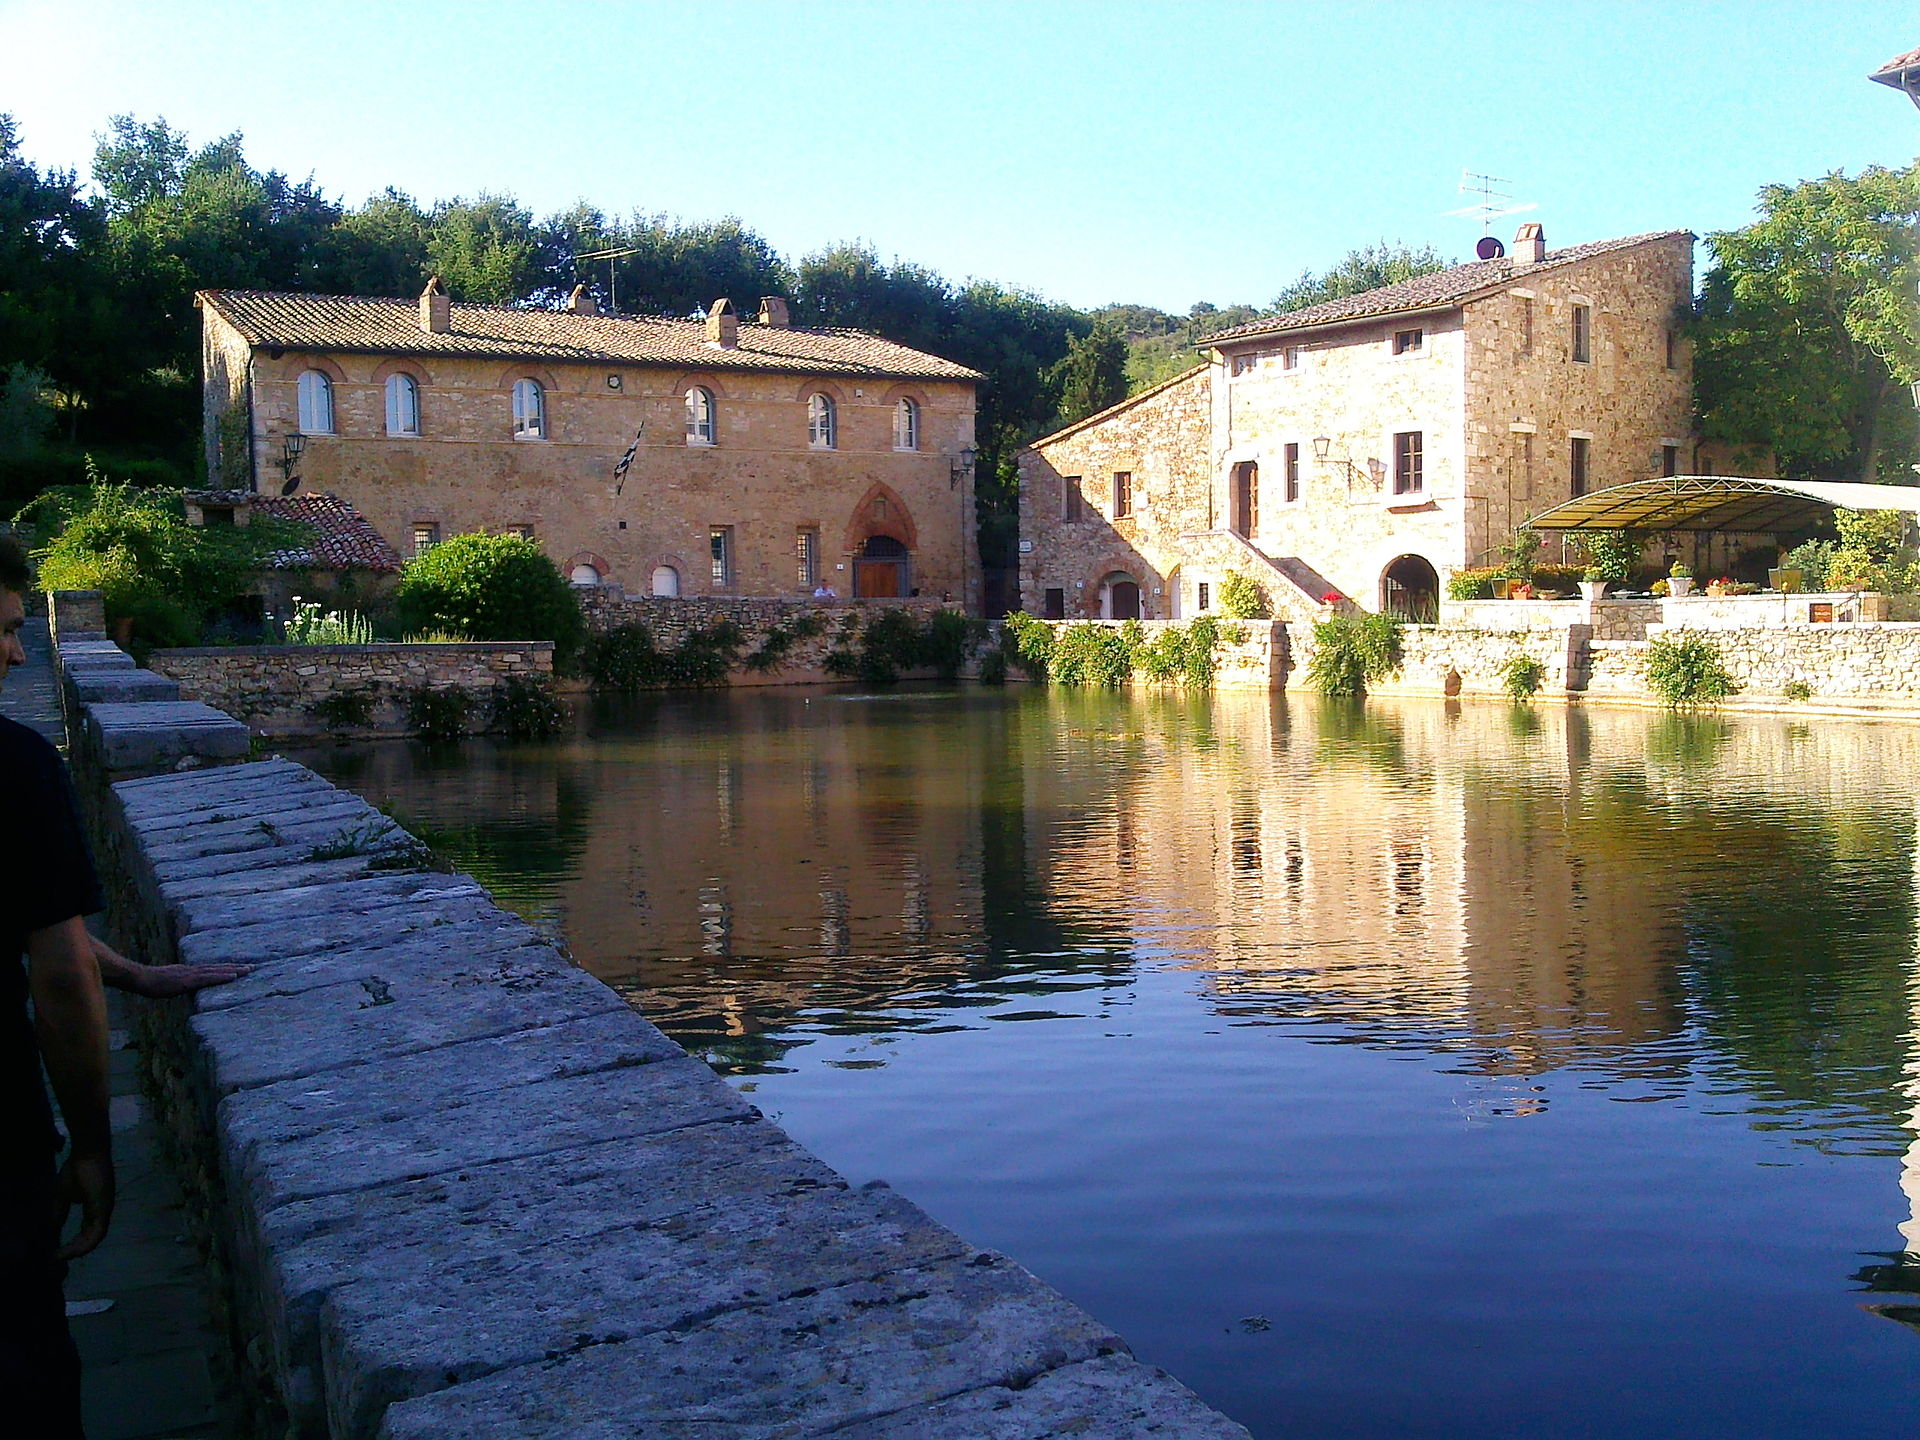 Bagno vignoni wikipedia - Il loggiato bagno vignoni ...